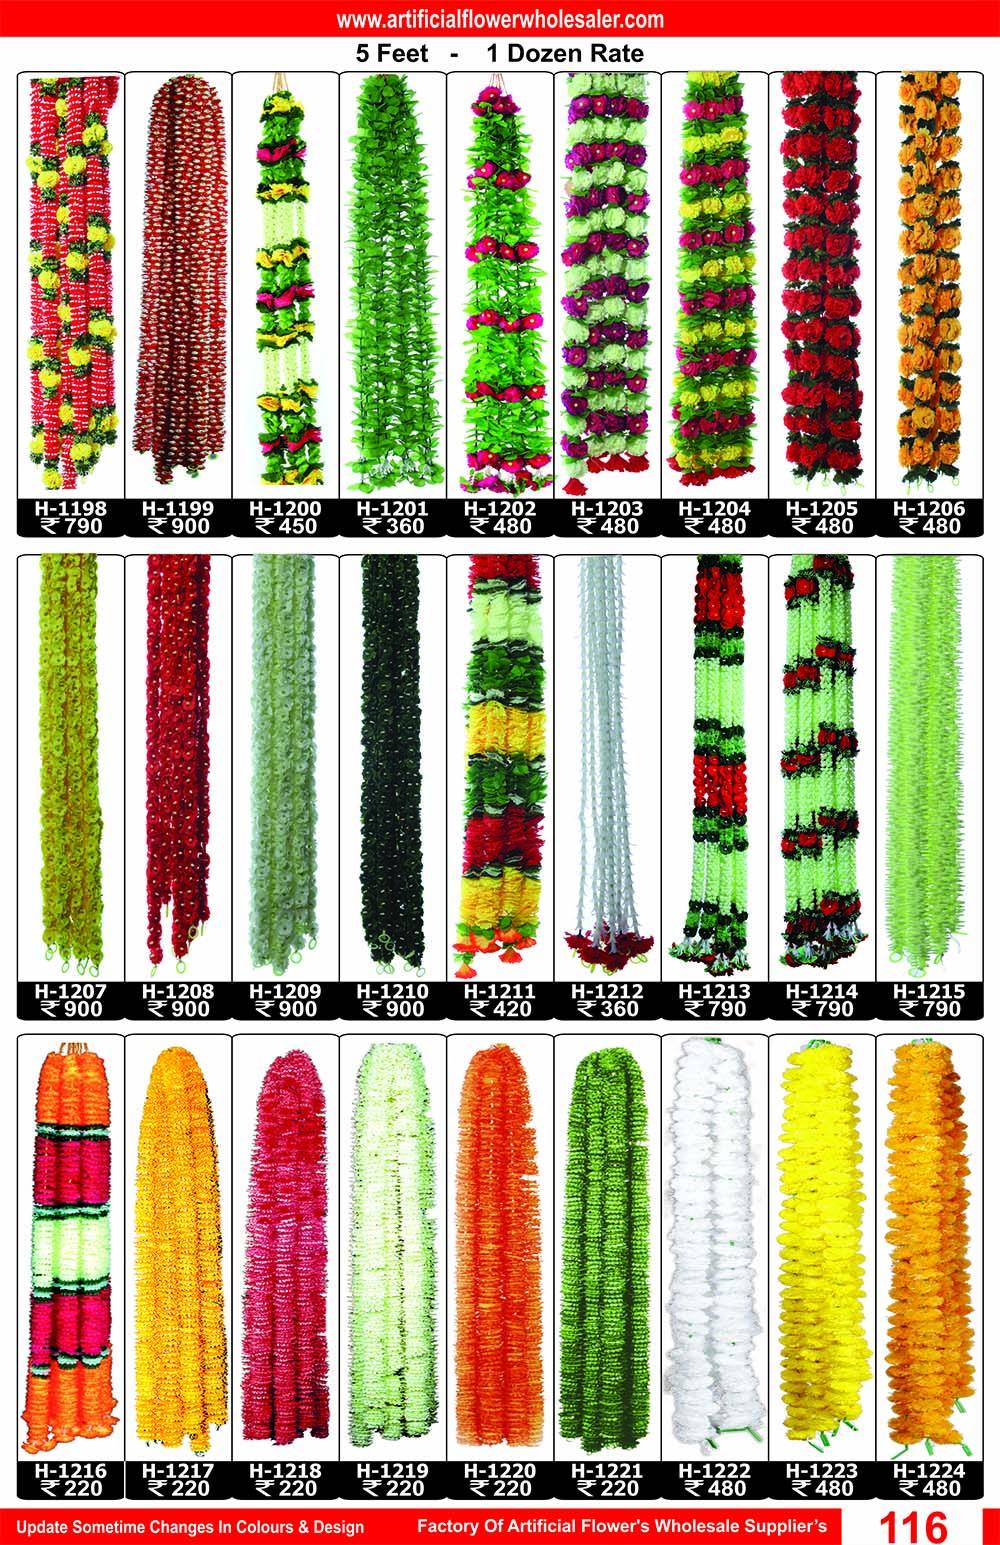 116-artificial-flower-wholesaler